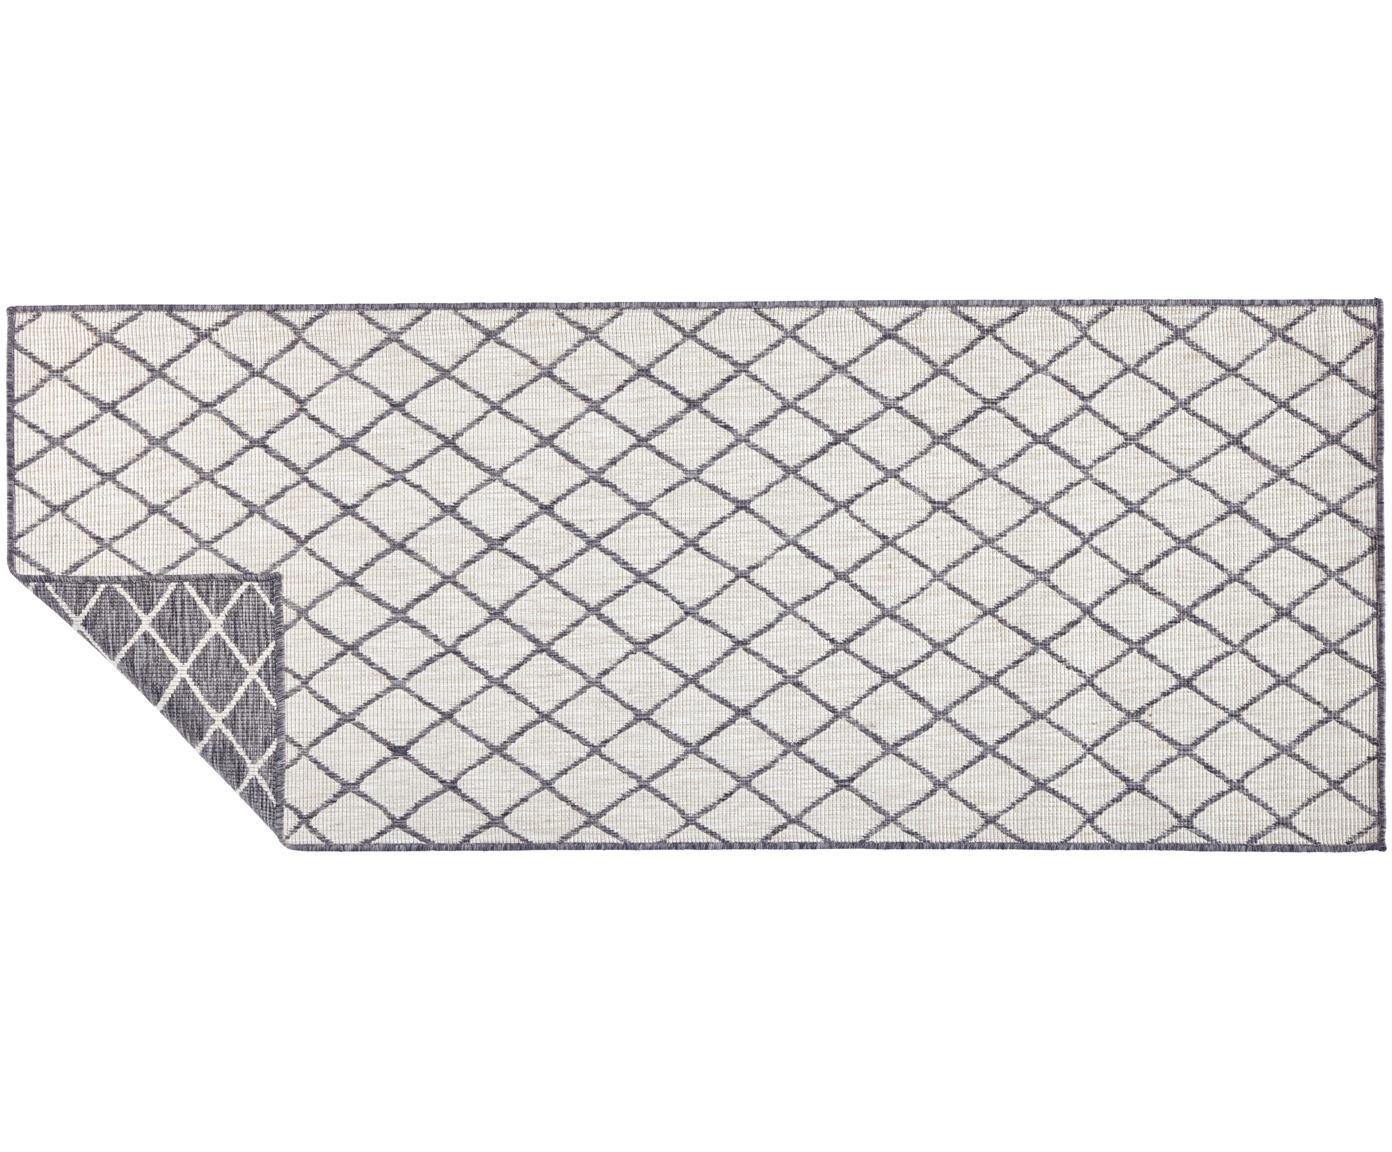 Alfombra reversible de interior/exterior Malaga, Gris, crema, An 80 x L 250 cm